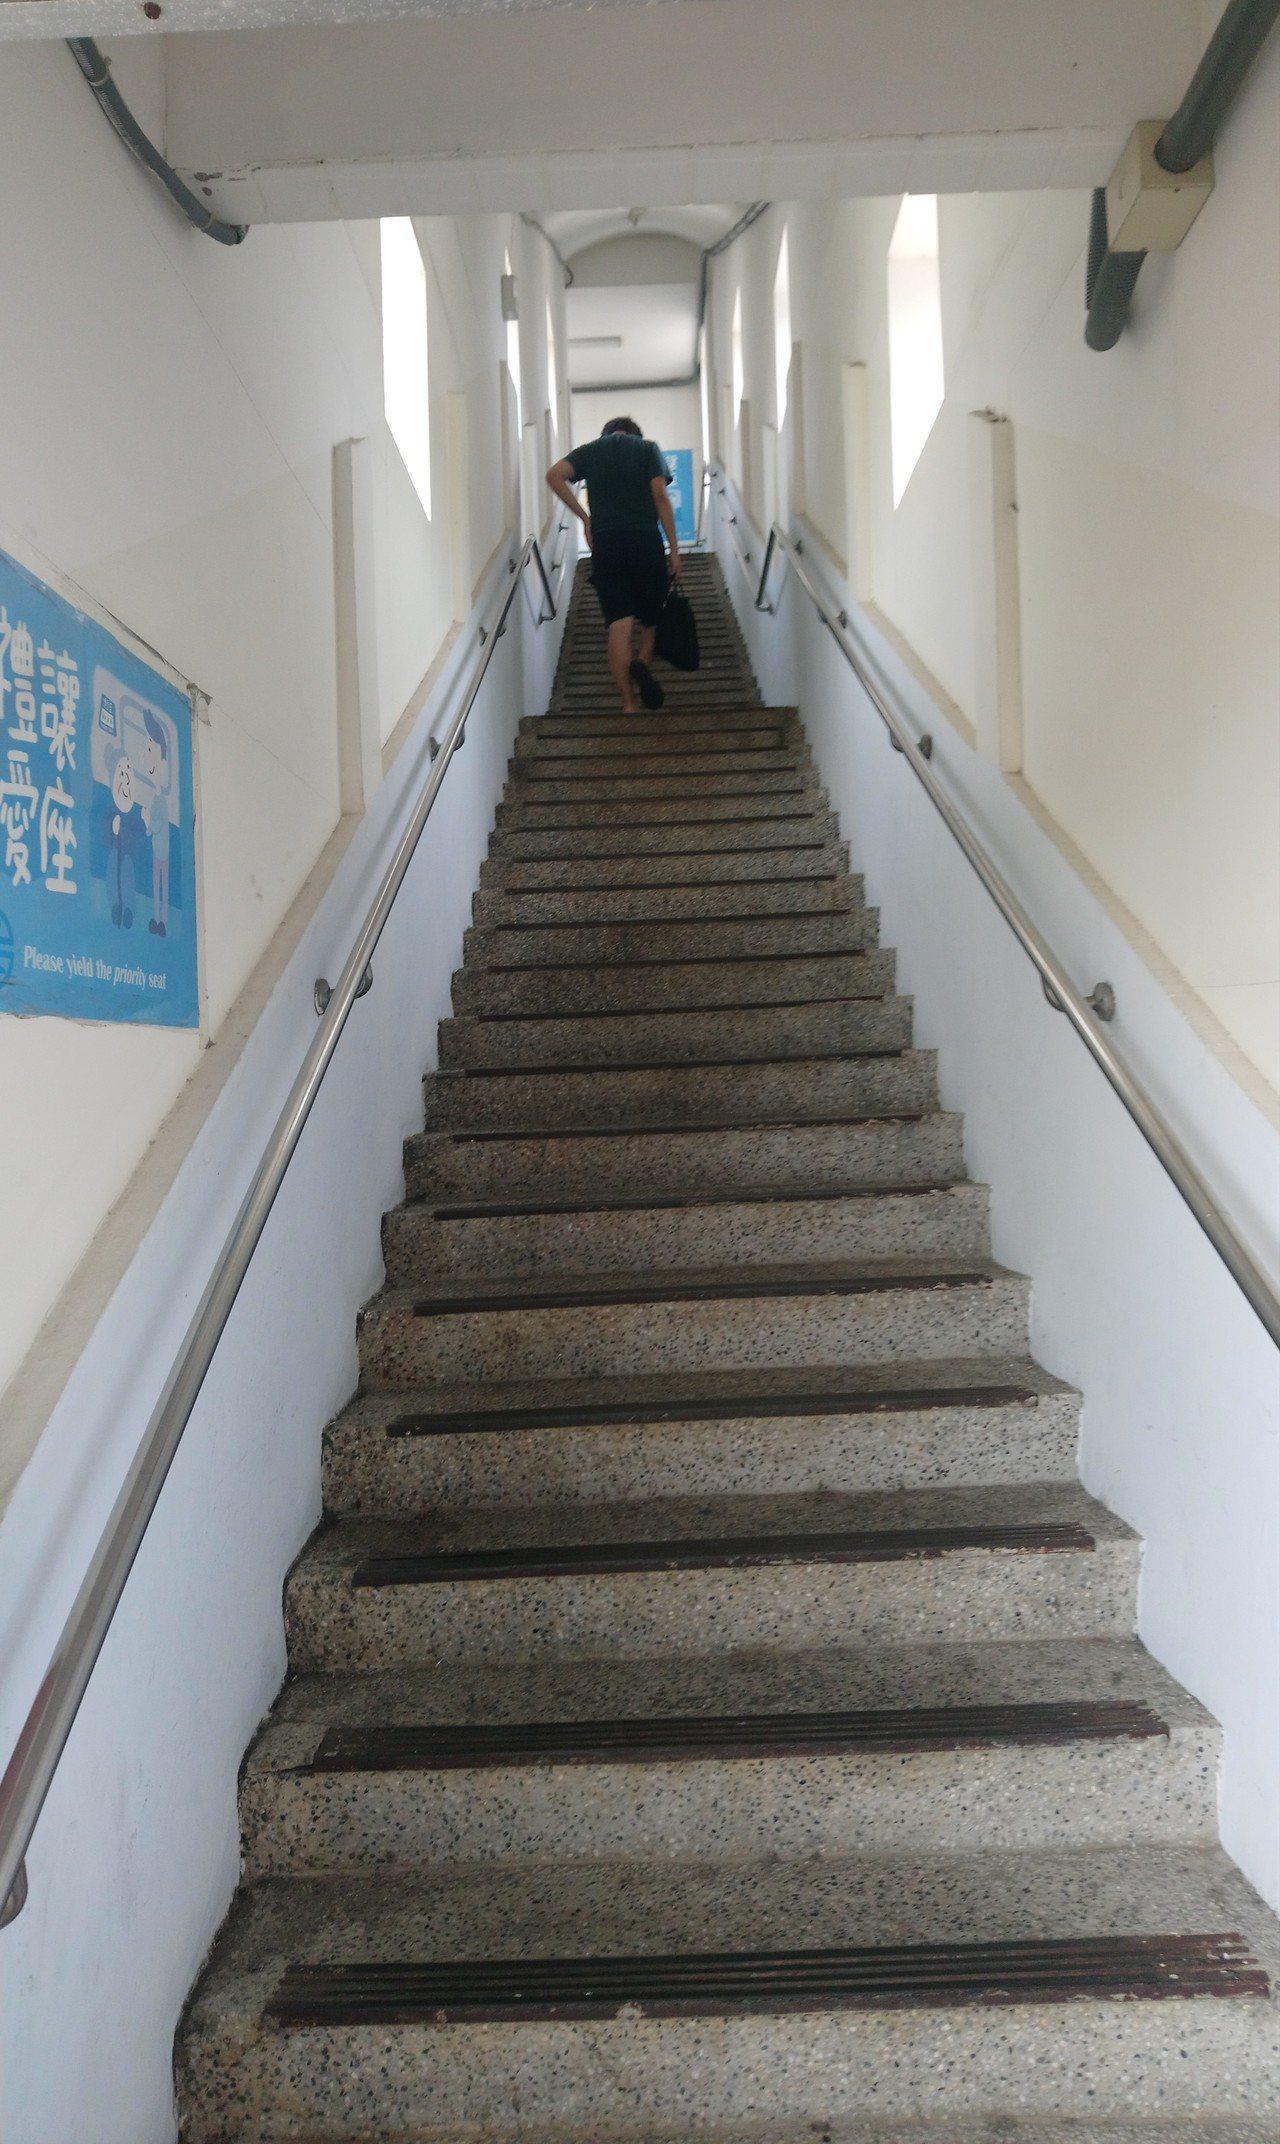 乘客若要到水上站南下第二月台搭車,要先爬過又高又陡的樓梯。記者卜敏正/攝影